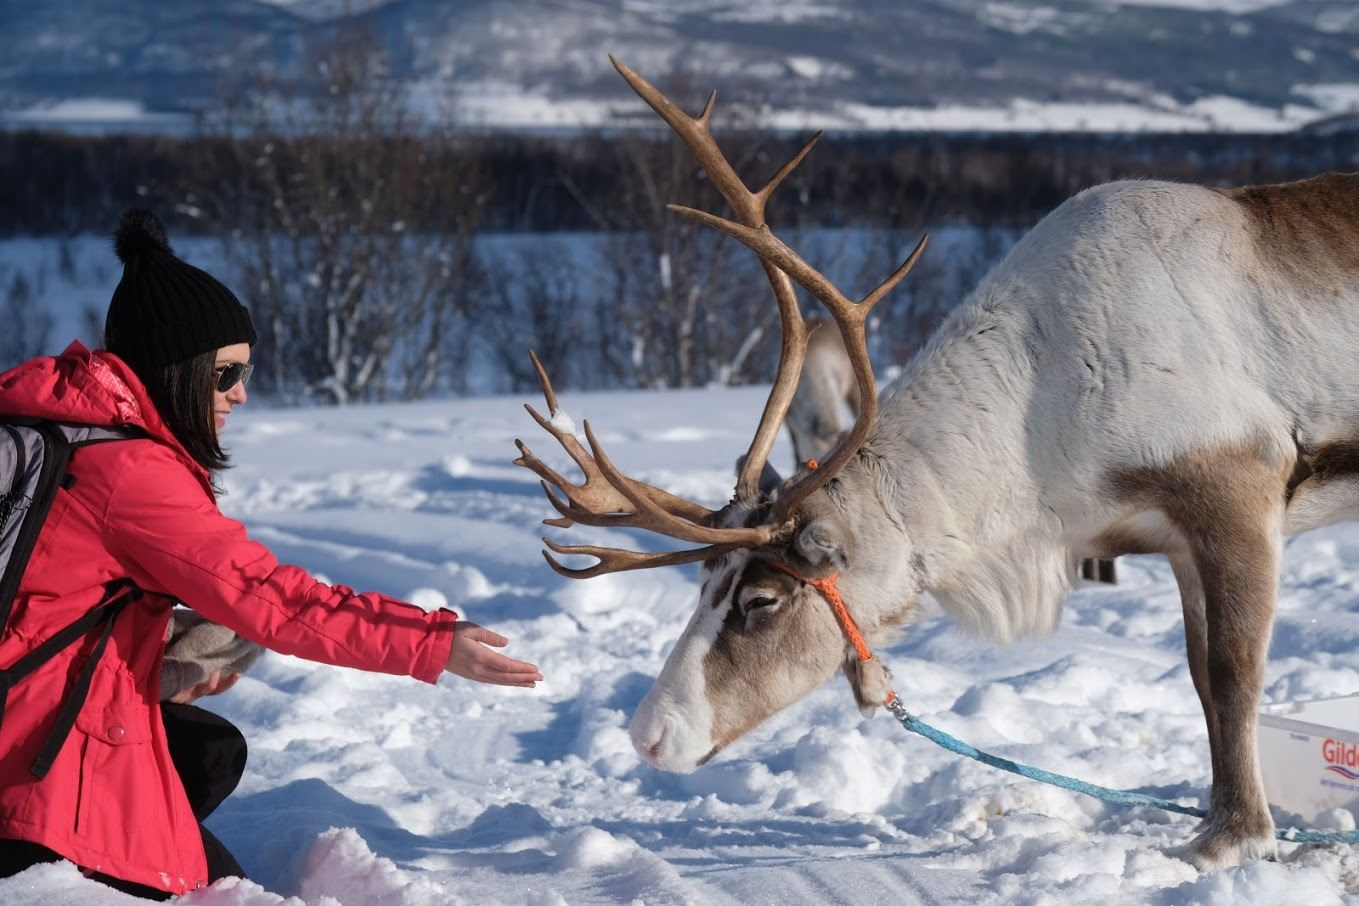 Reindeer Sledding & Sami Culture